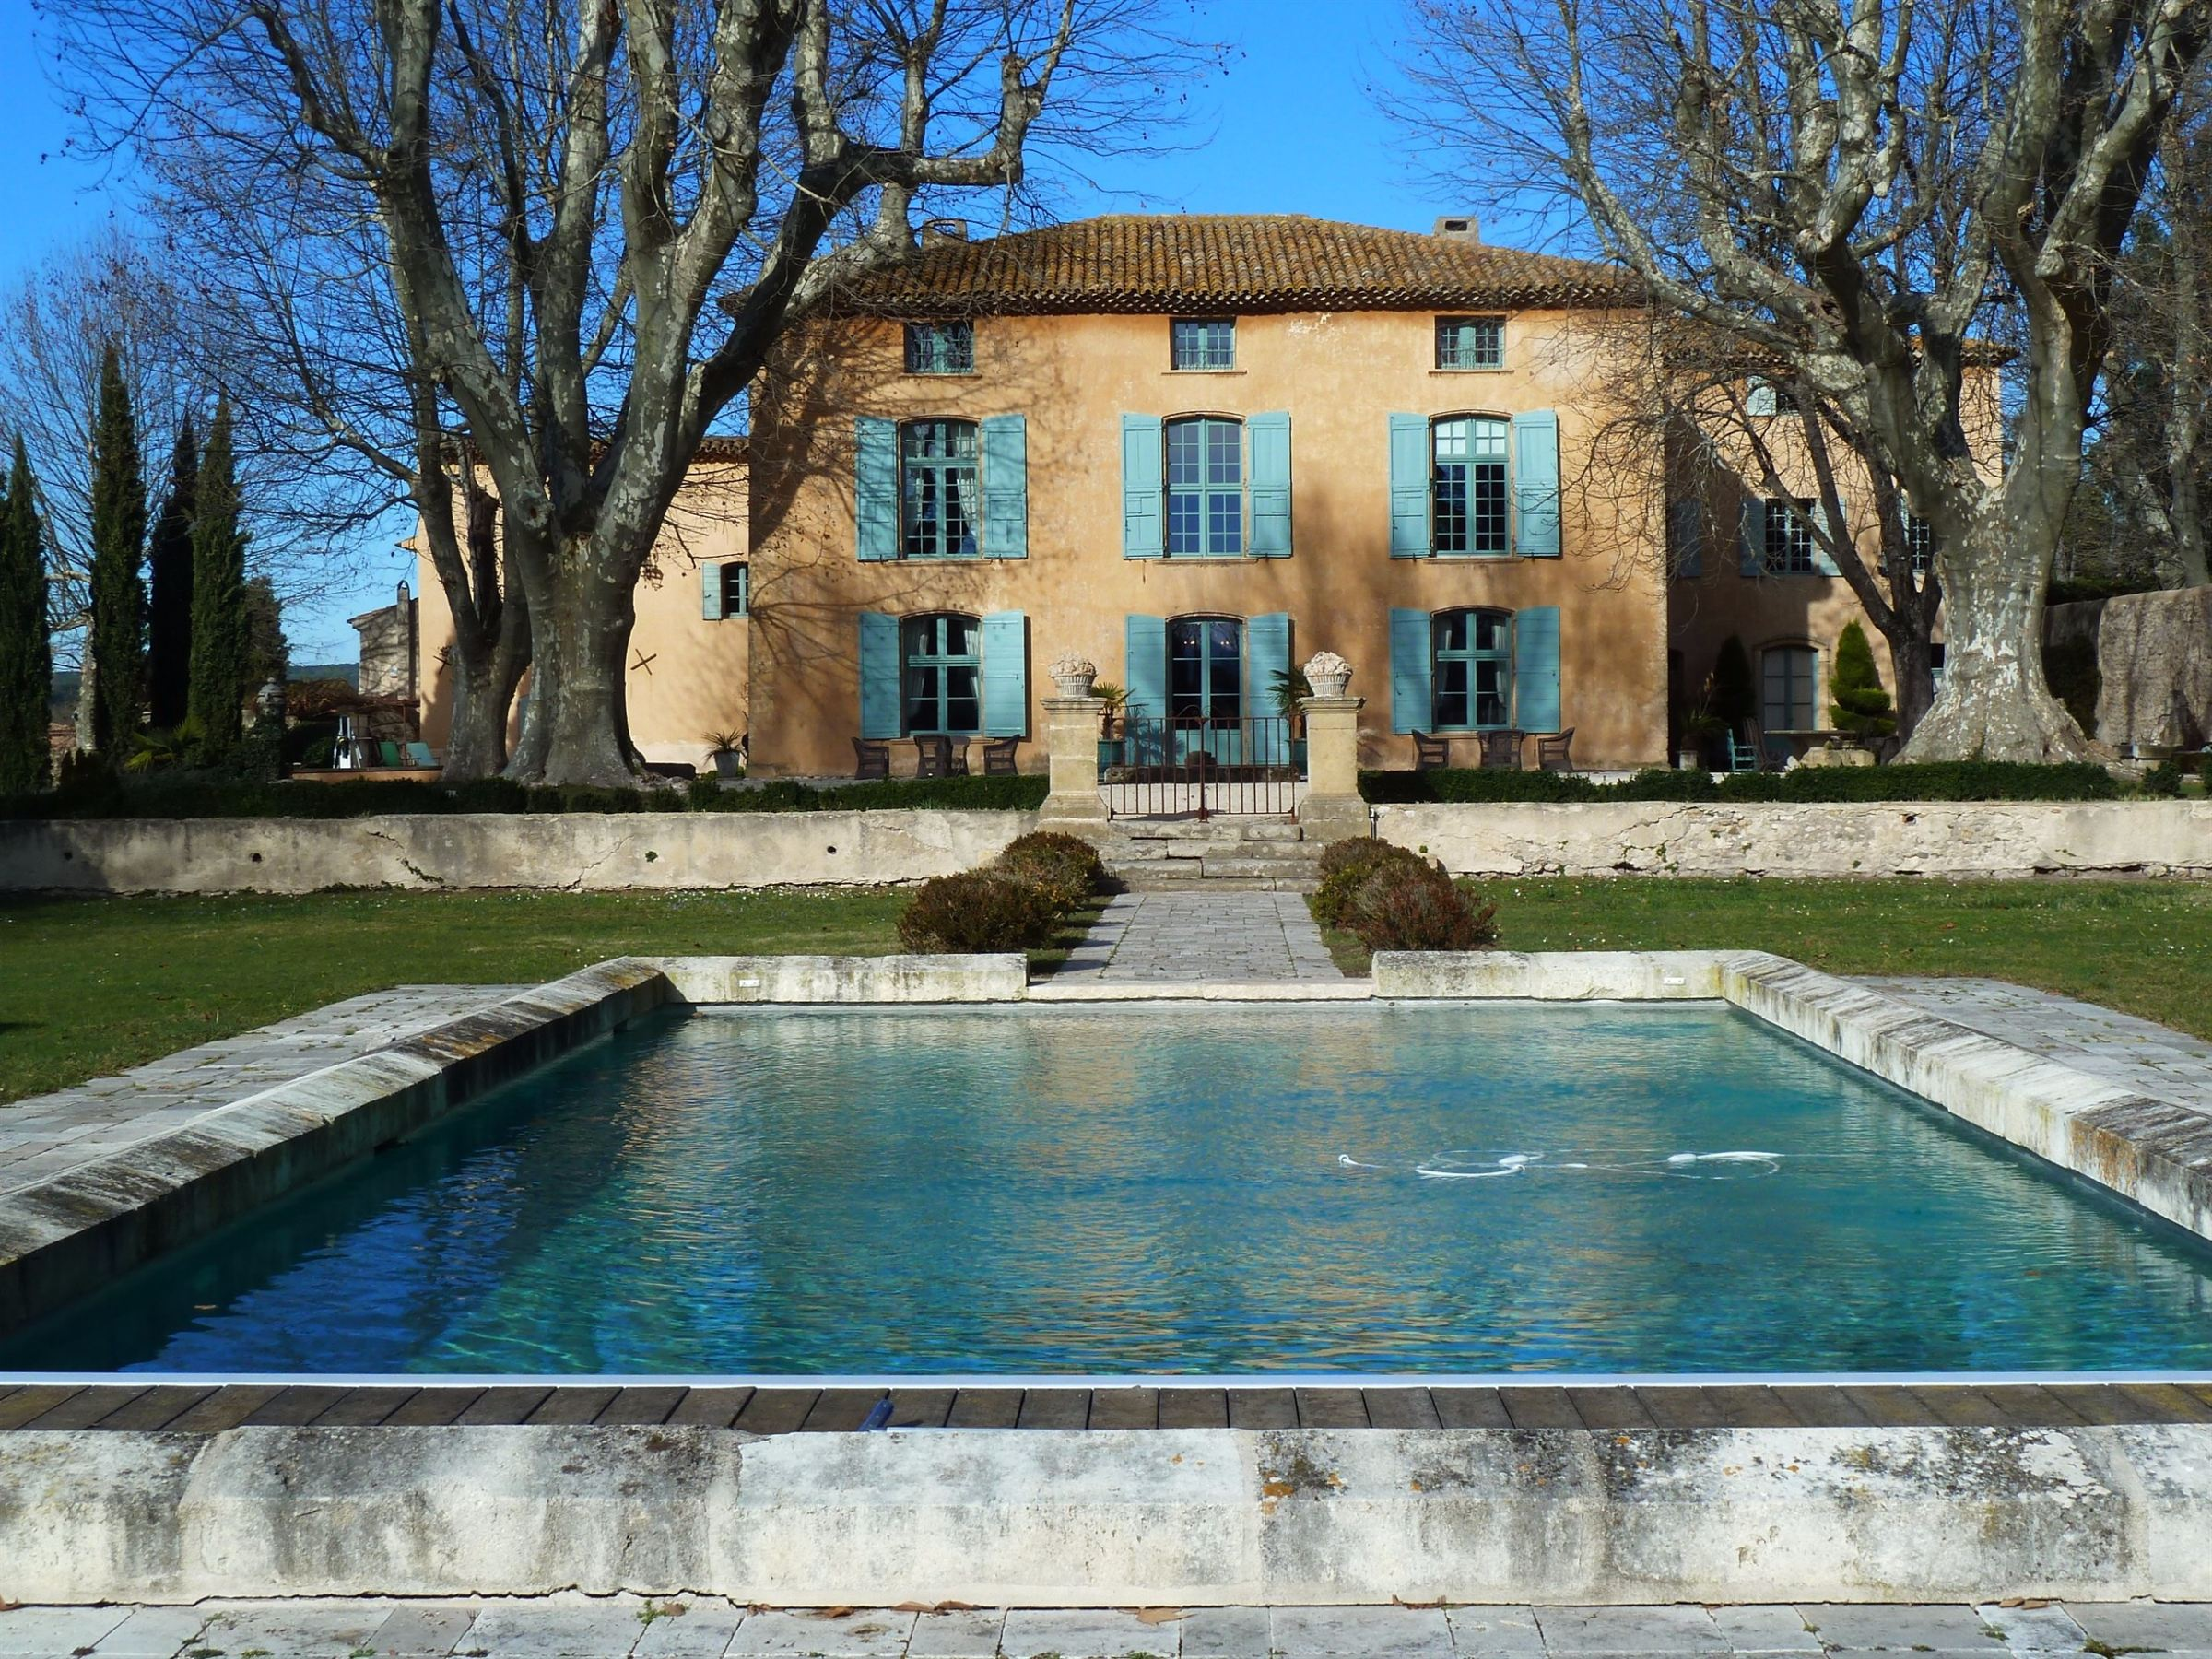 Property For Sale at Aix Les Milles - Propriété d'exception